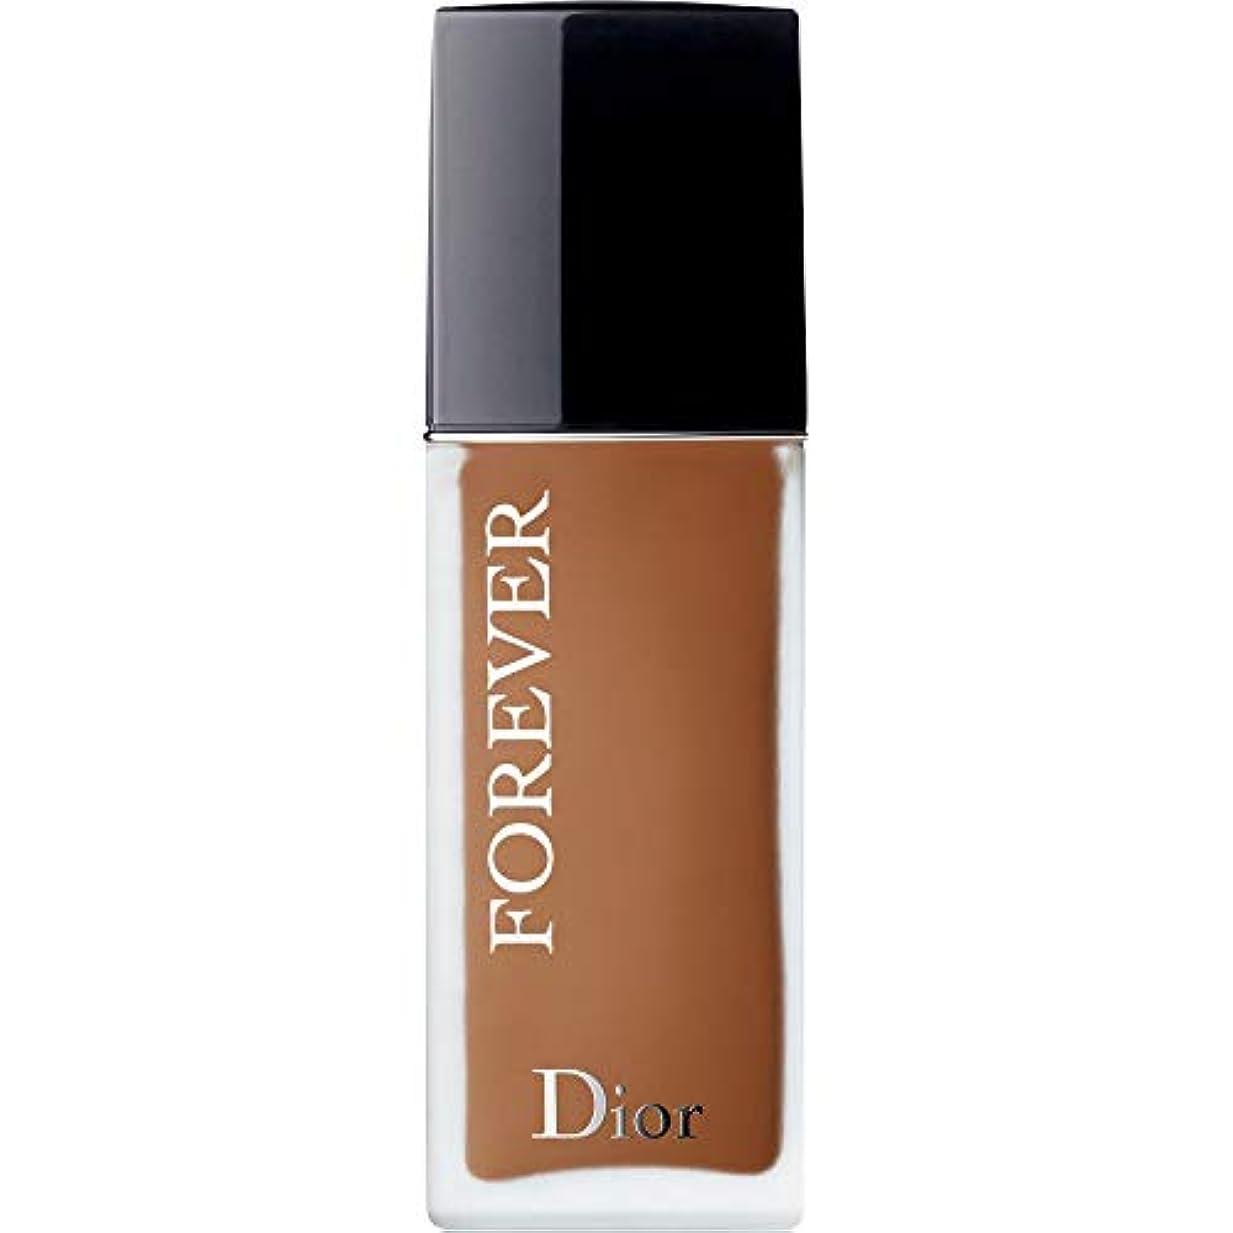 ペーストポインタキャリア[Dior ] ディオール永遠皮膚思いやりの基盤Spf35 30ミリリットルの6N - ニュートラル(つや消し) - DIOR Forever Skin-Caring Foundation SPF35 30ml 6N -...